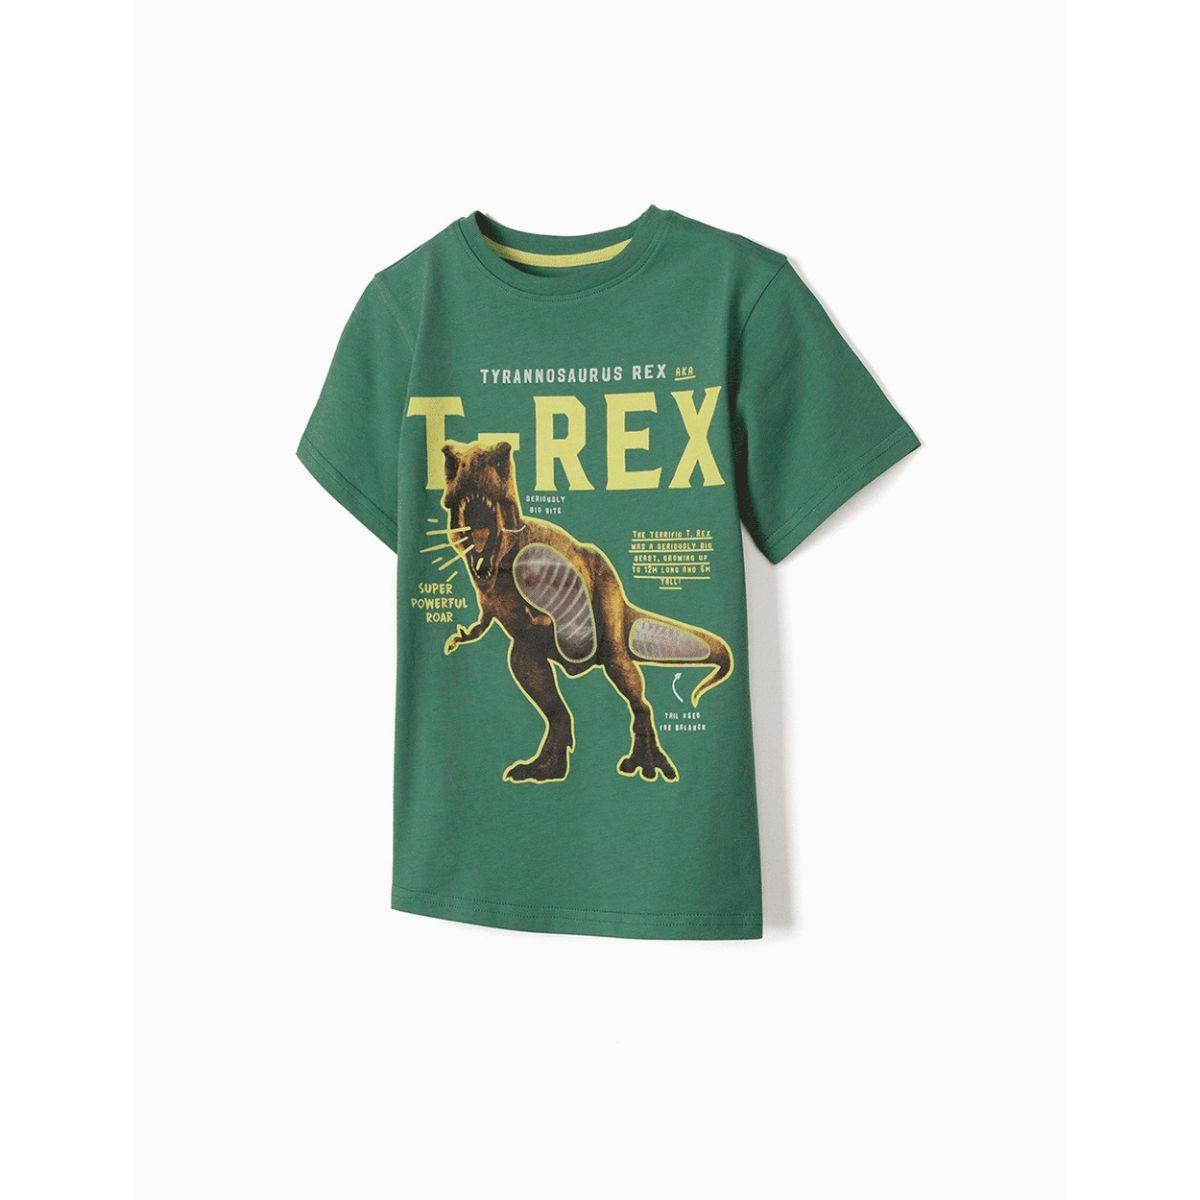 Tricou cu imprimeu frontal Zippy, T-Rex